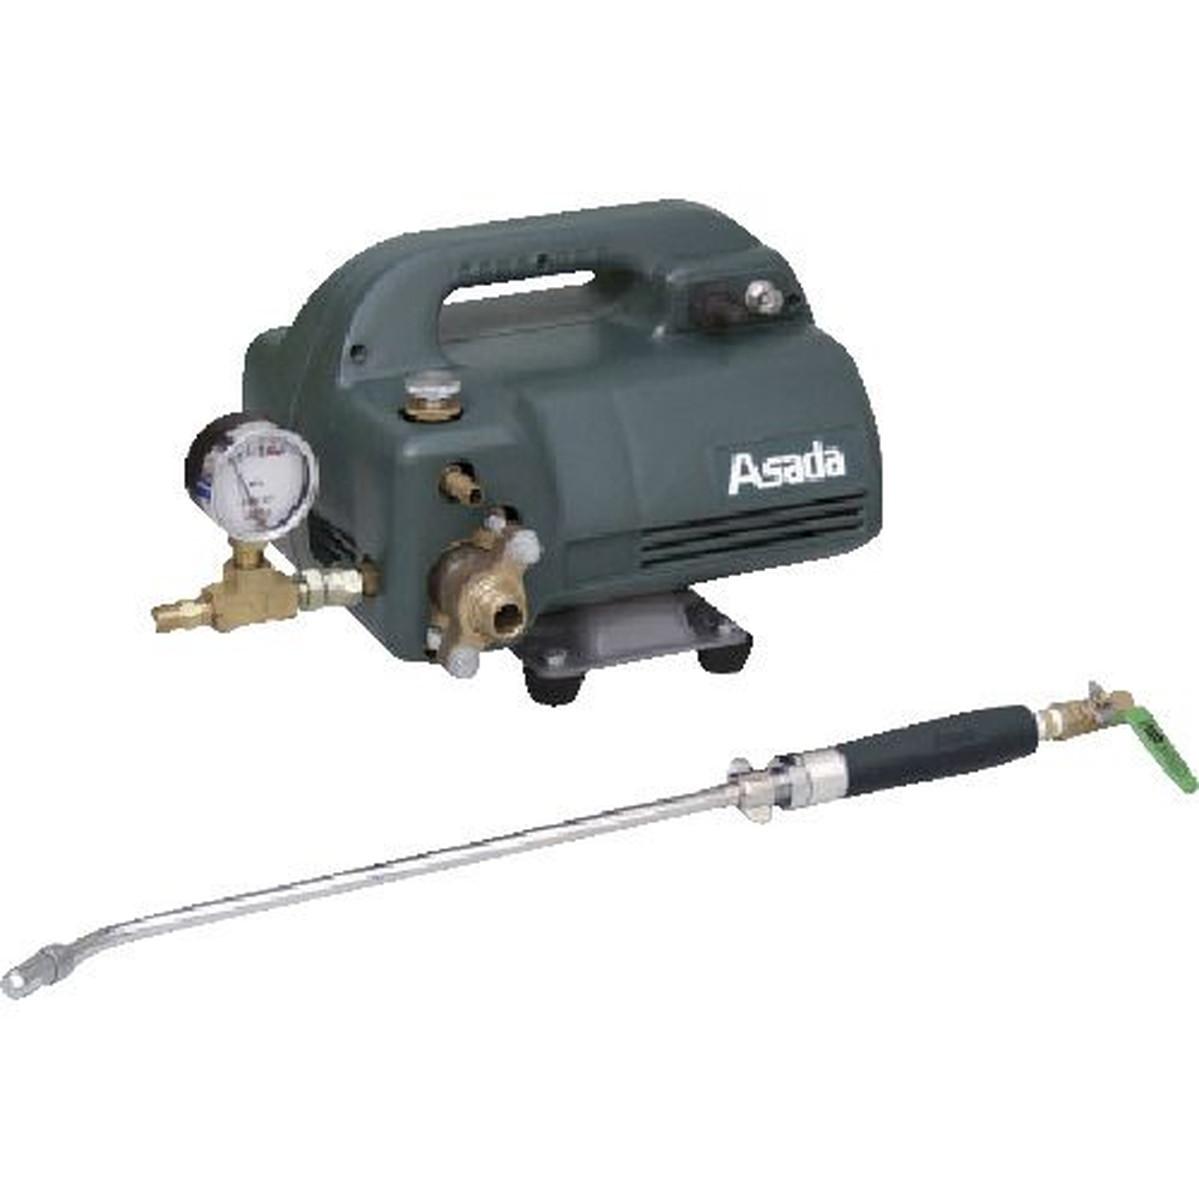 アサダ 高圧洗浄機440 圧力計付 1台